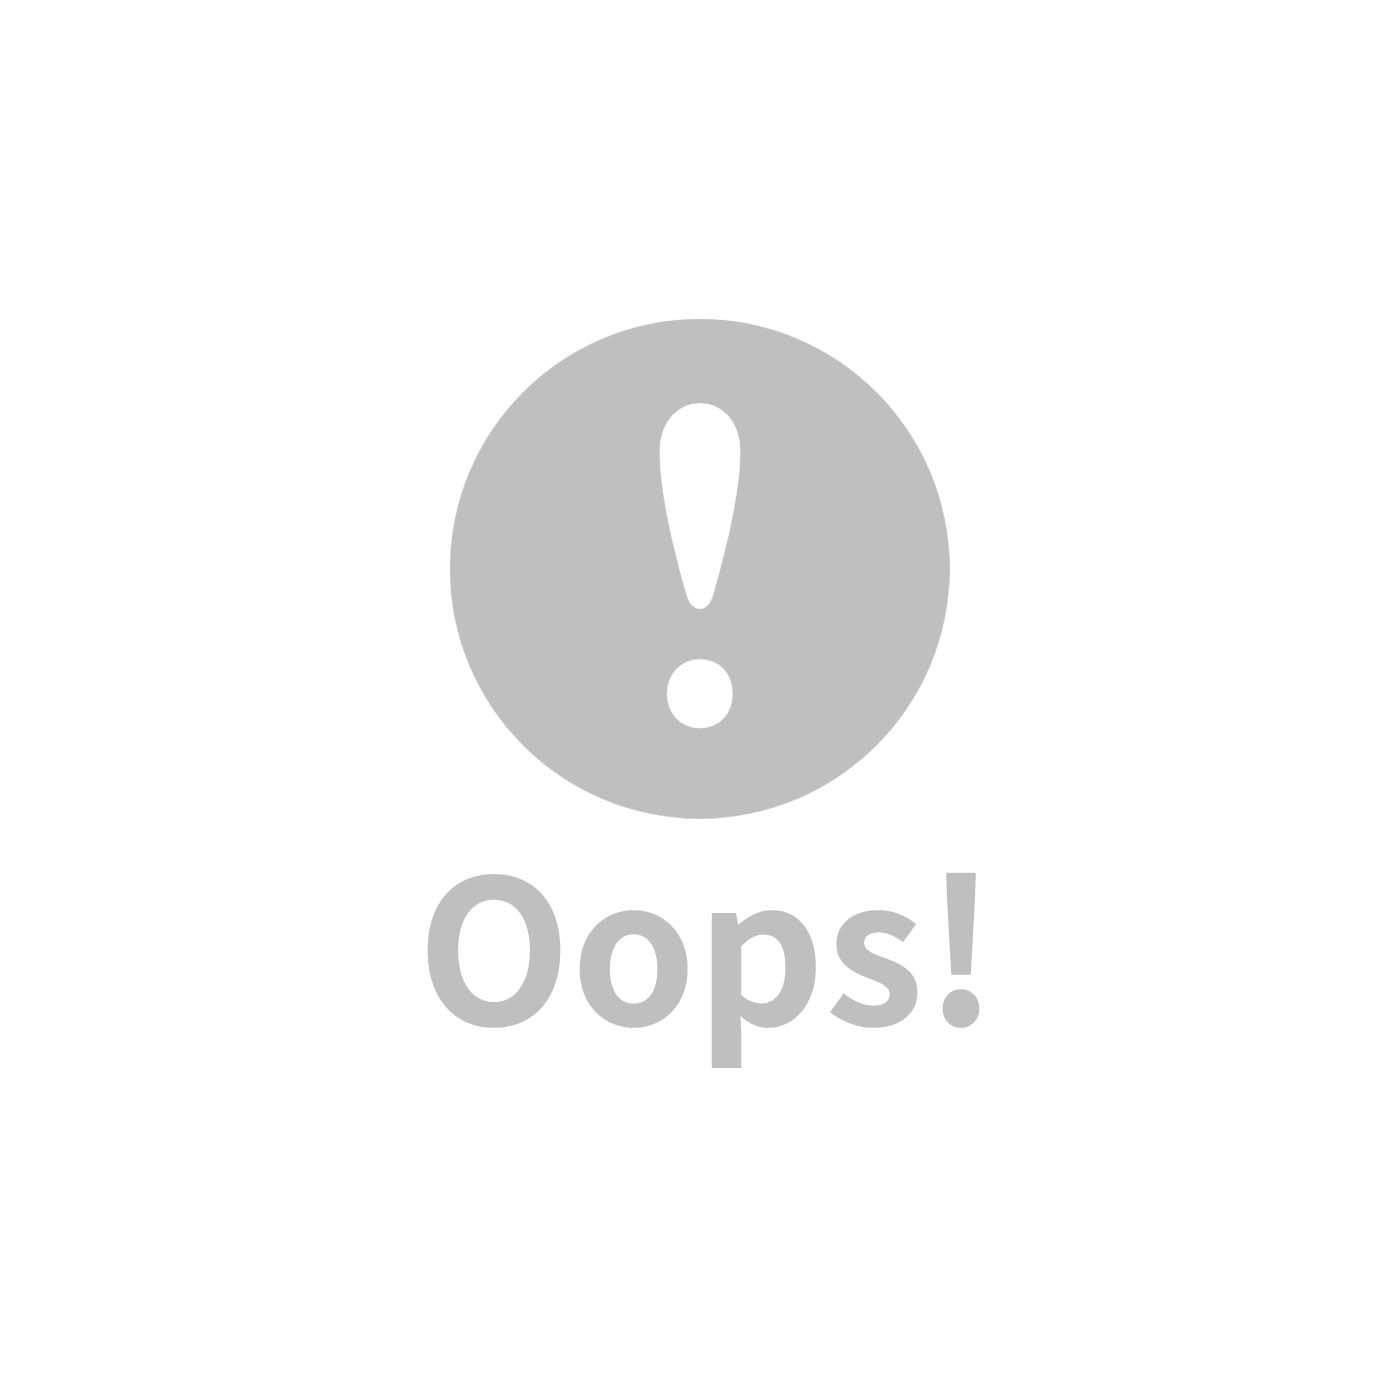 【此商品為預購品,於7/28起出貨】La Millou 送禮套組(小豬枕+暖膚豆豆毯-加大款+巧柔豆豆毯-標準款)-贈送禮提袋